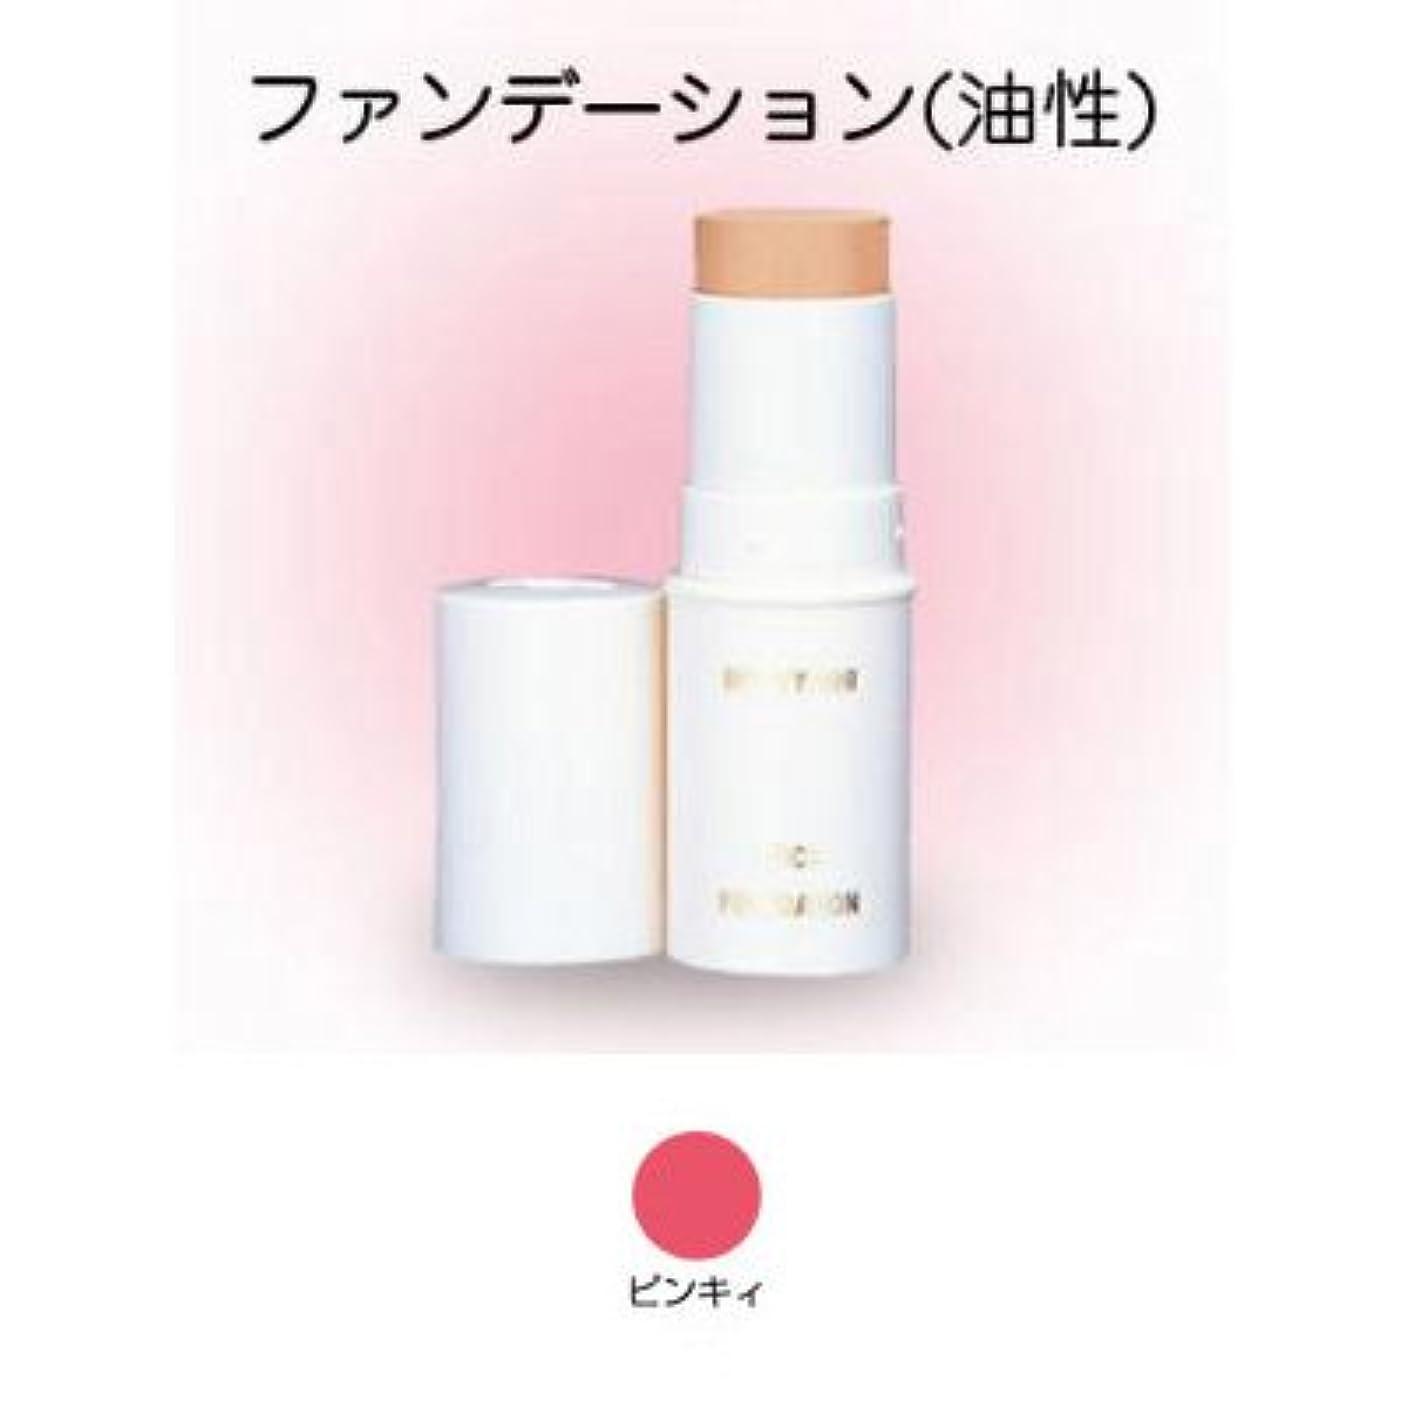 ポスト印象派麻痺アイドルスティックファンデーション 16g ピンキィ 【三善】